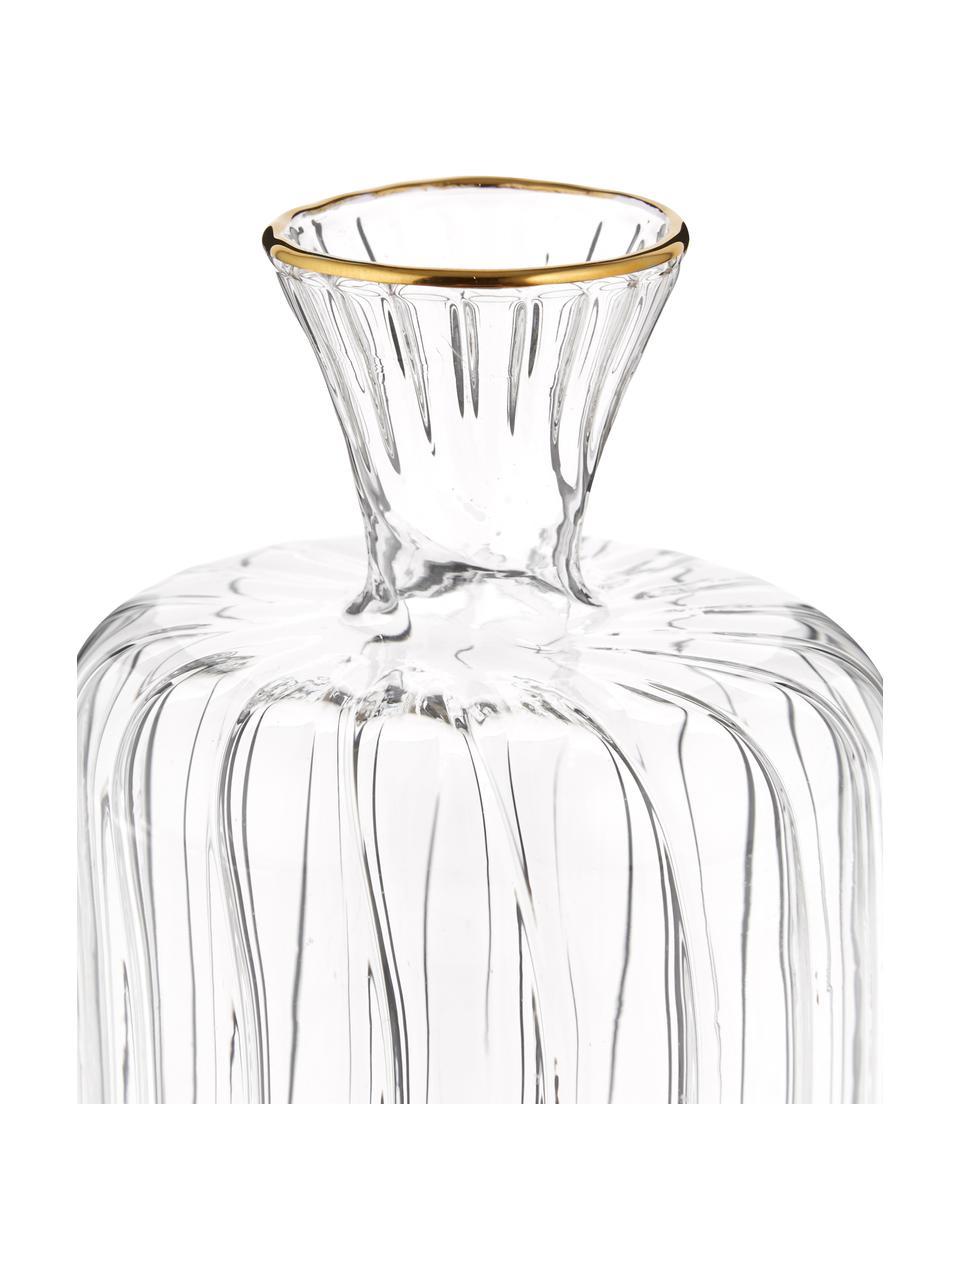 Jarrón pequeño de vidrio Plinn, Vidrio, Transparente, dorado, Ø 7 x Al 10 cm